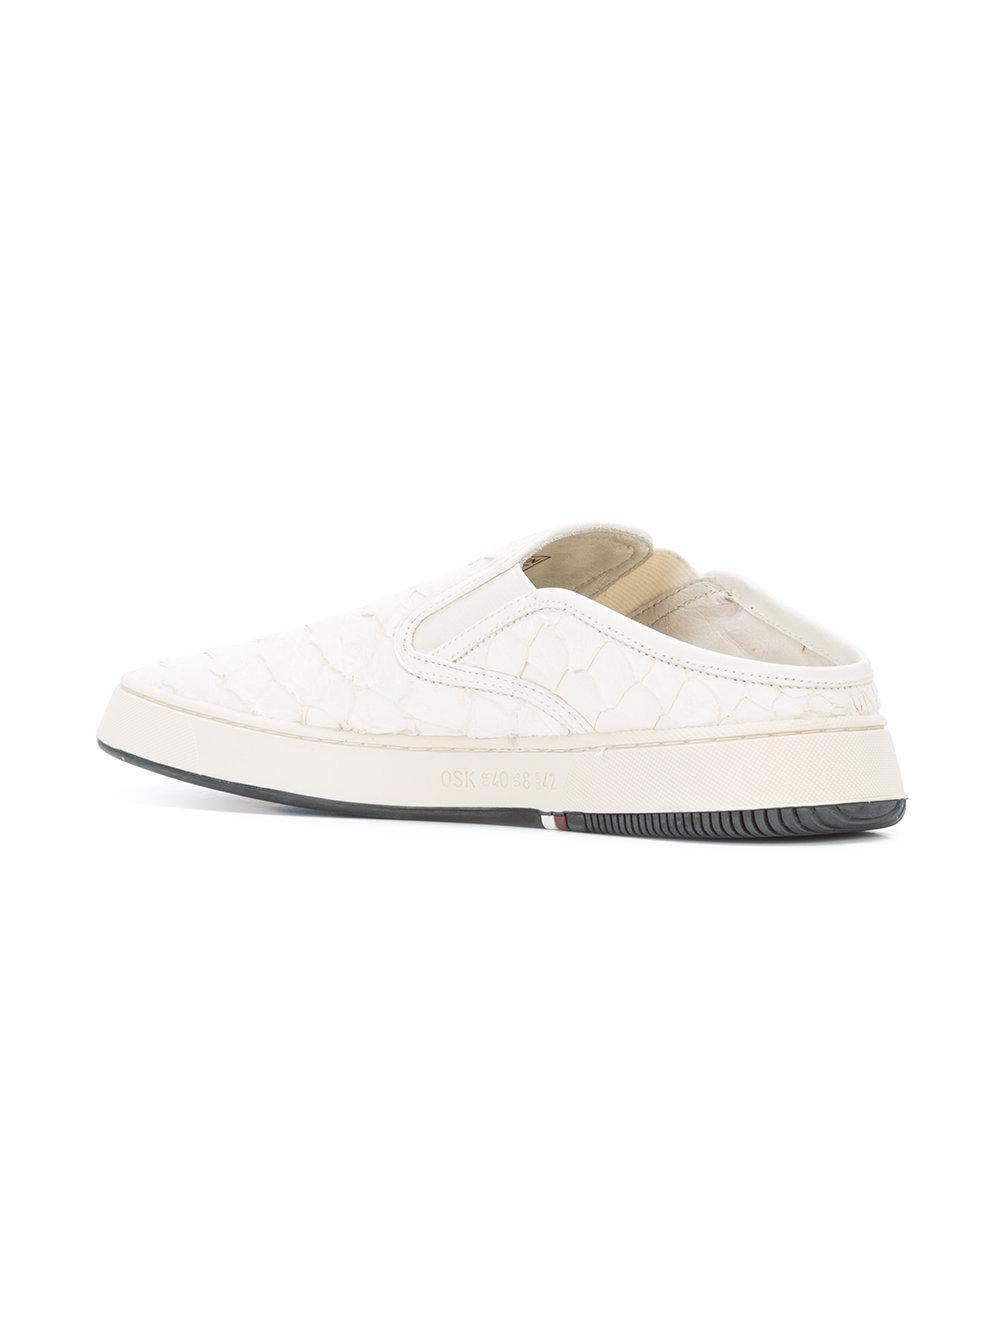 Osklen Leather Tupa Mule Sneakers in White for Men